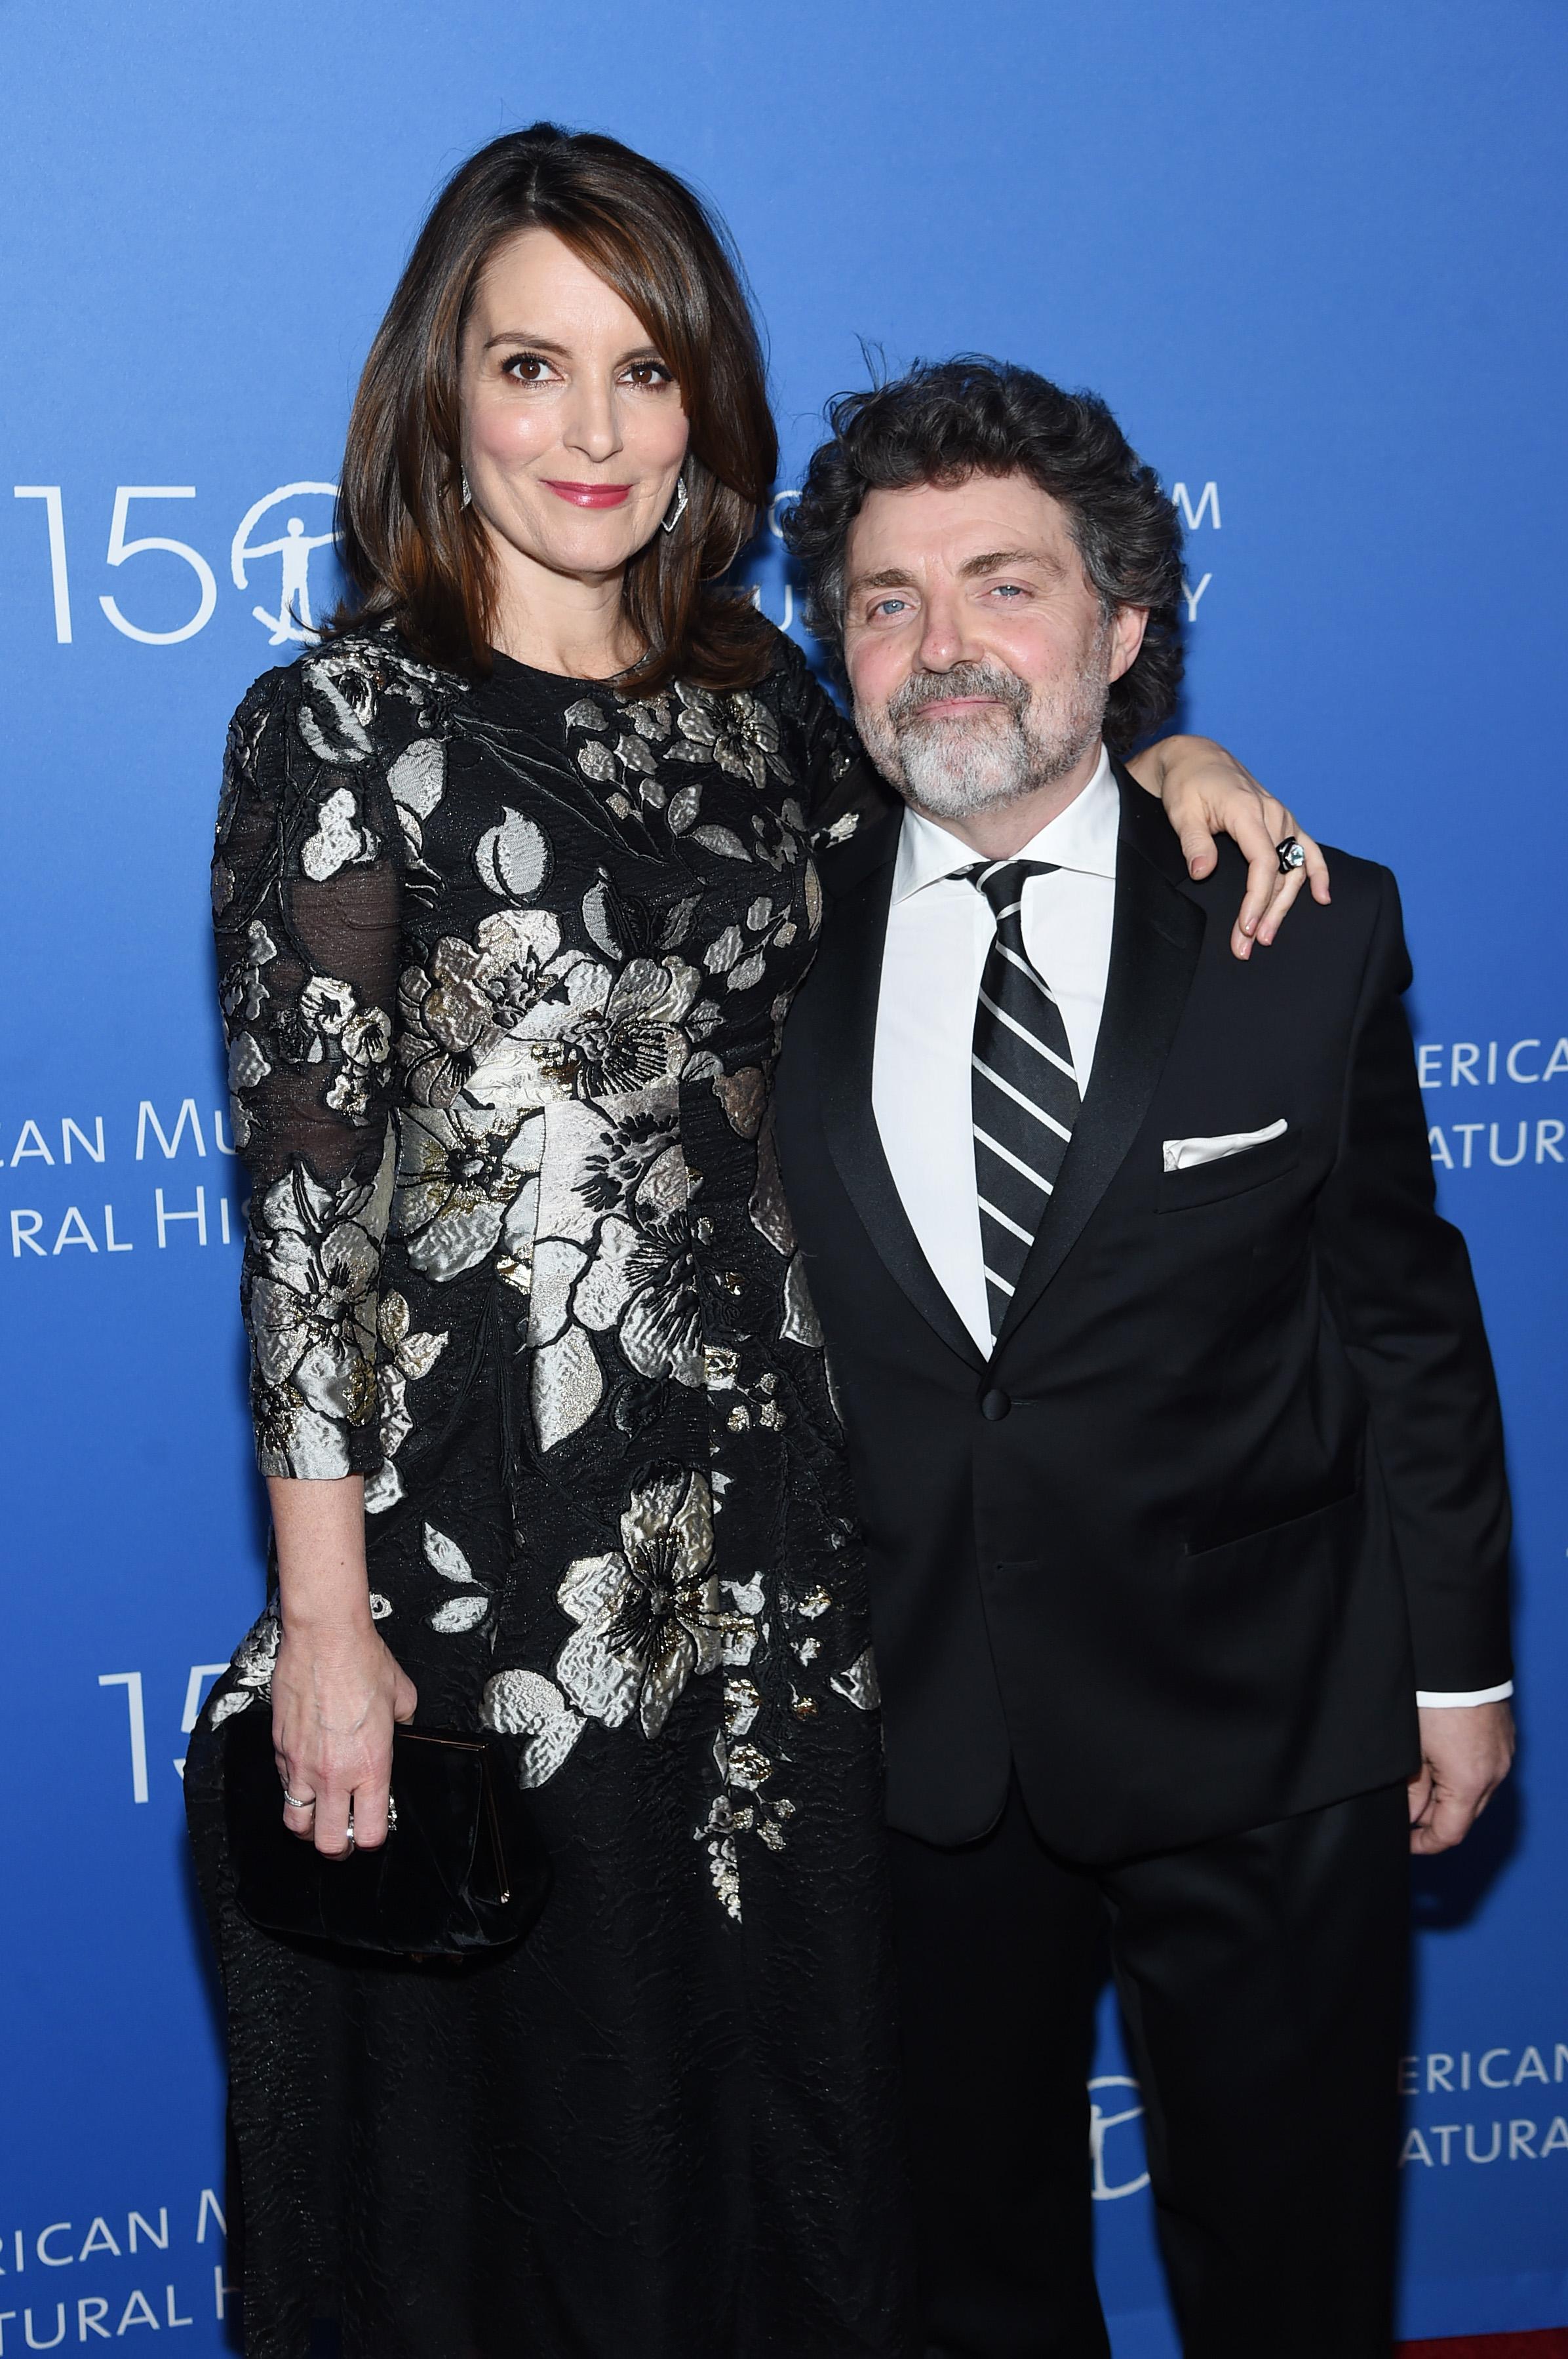 <p><strong>Тина Фей и Джеф Ричмънд</strong></p>  <p>Двойката се запознава през 93-та и от тогава излизат. През 2001 година сключват брак и вече 18 години живеят и творят заедно. Миналата година започнаха сбъдването на мечтата си &ndash; да създават филмова продукция като екип.</p>